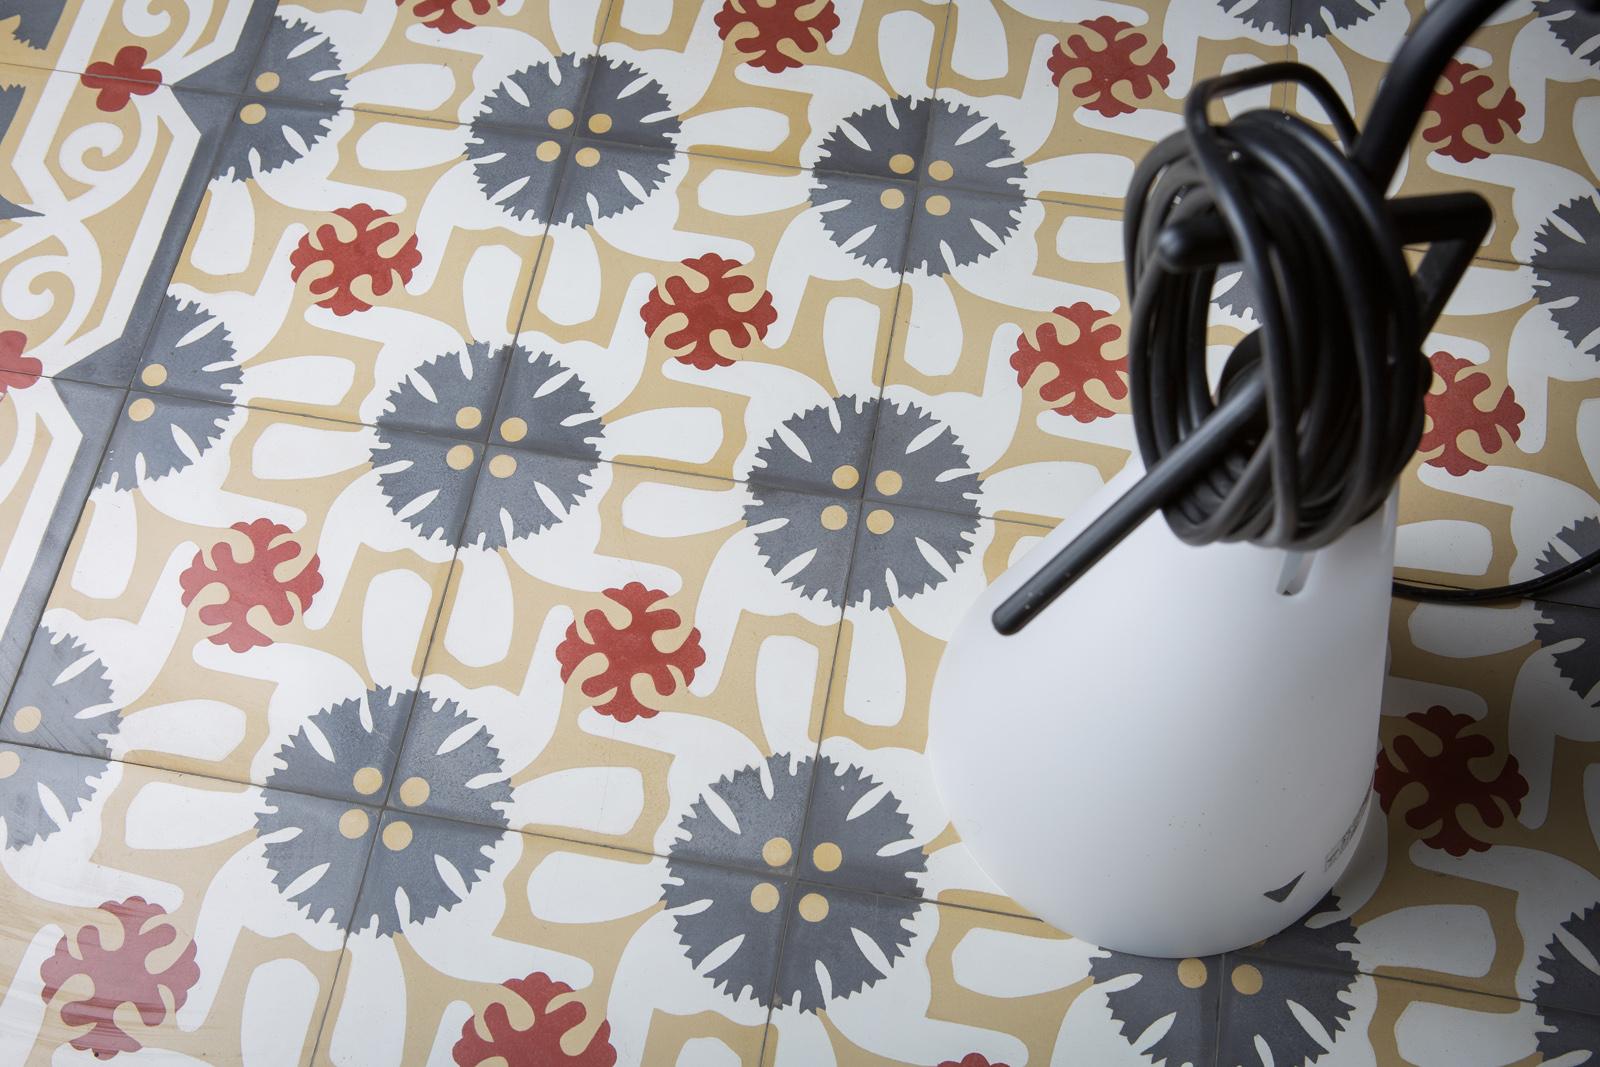 Zementmosaikplatten_nr.51074-flur-02-viaplatten | 51074